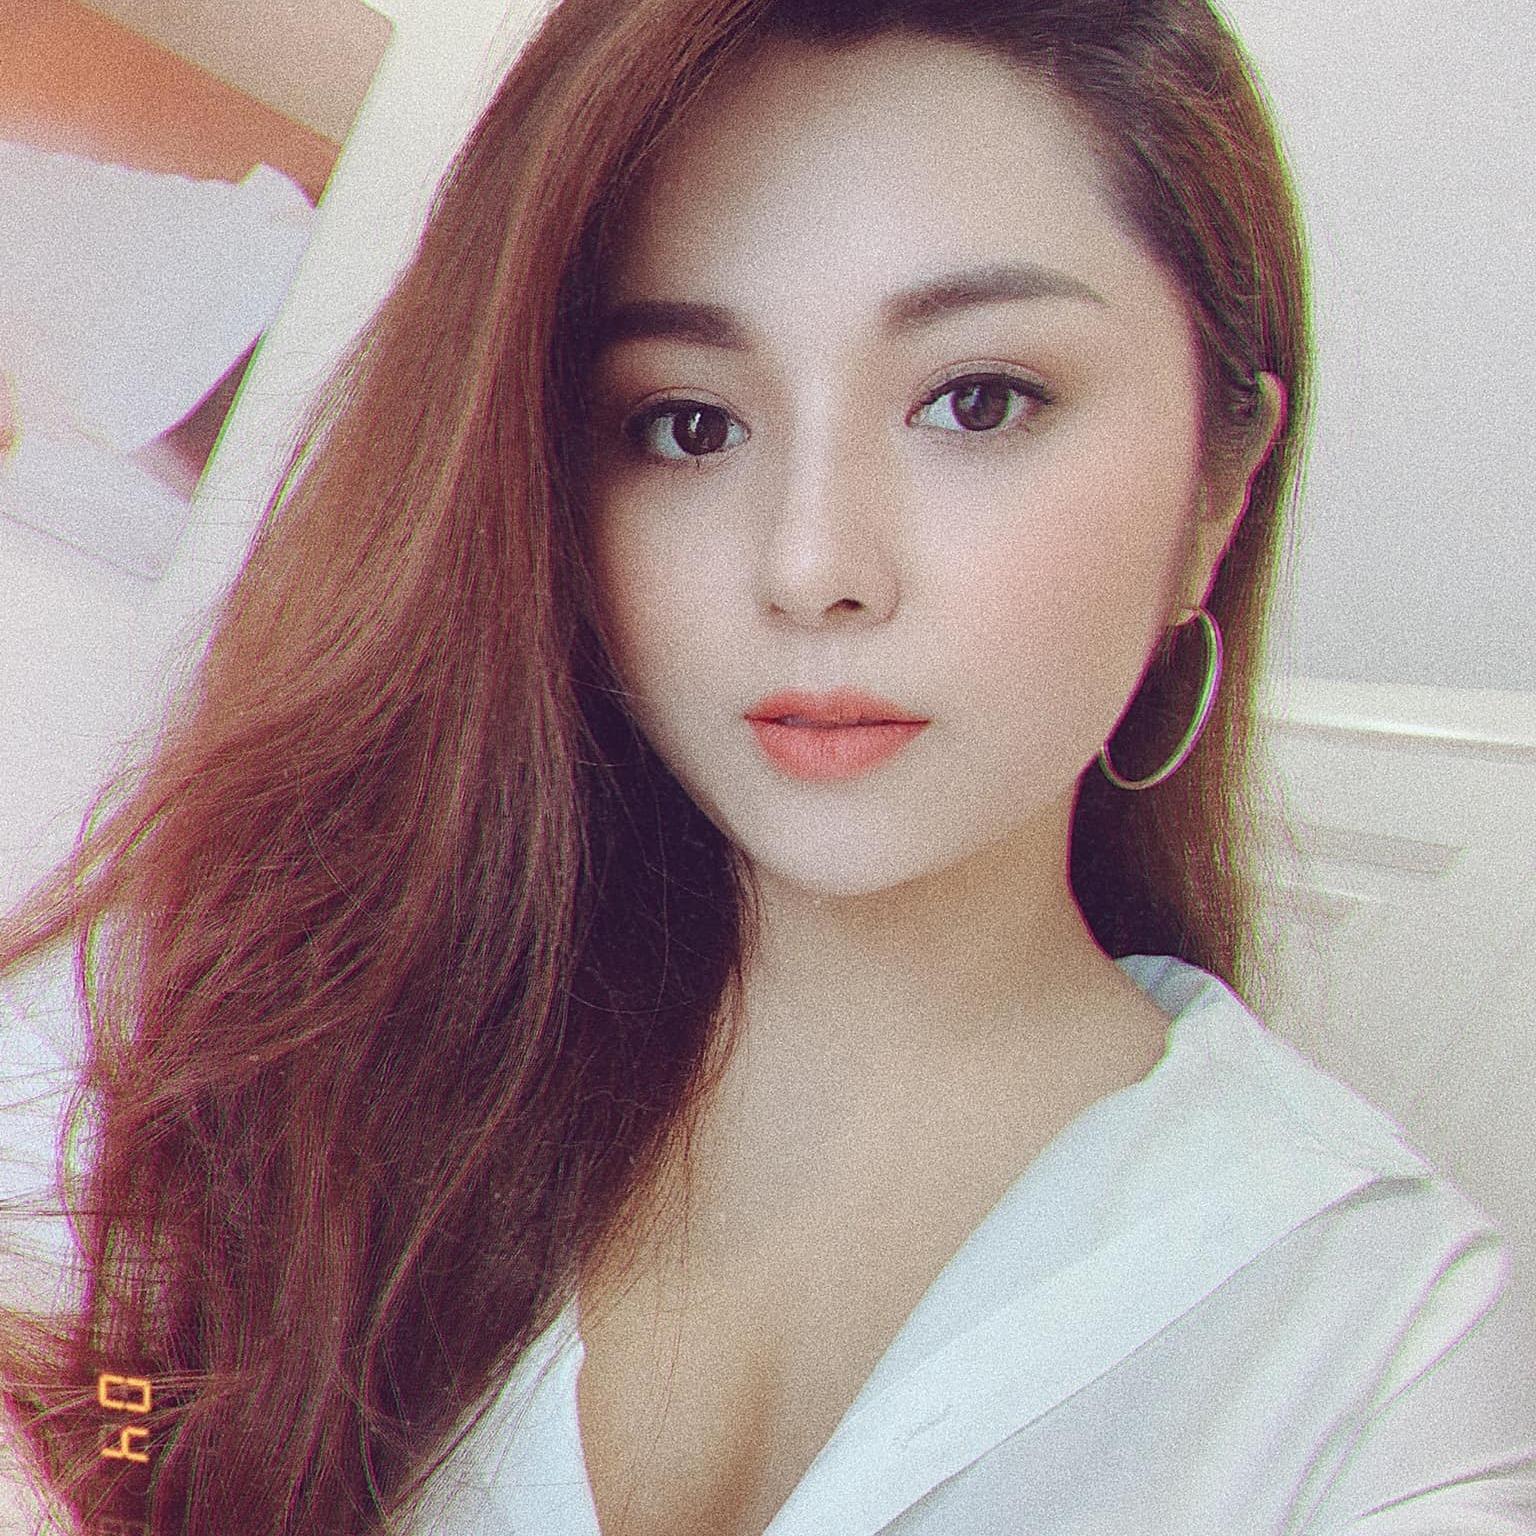 MC Diệu Linh qua đời ở tuổi 29 nhưng vẫn để lại không ít dấu ấn trong sự nghiệp và cả tinh thần cường thép của một cô gái trẻ ở những ngày cuối đời - Ảnh 4